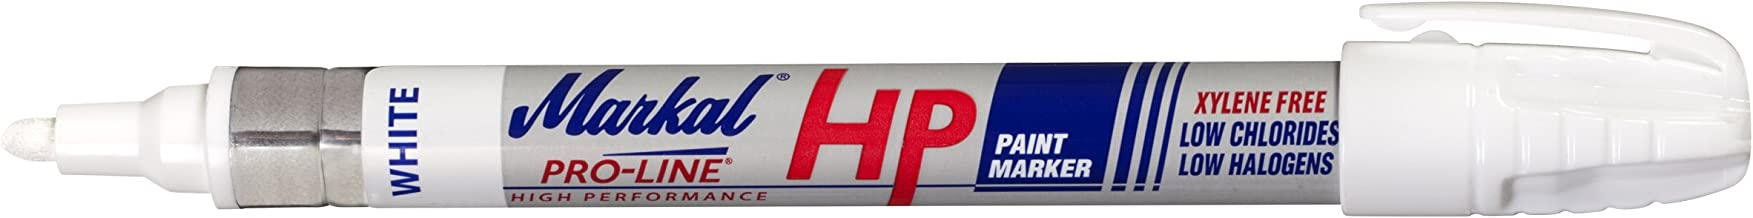 Best industrial paint marker pen Reviews